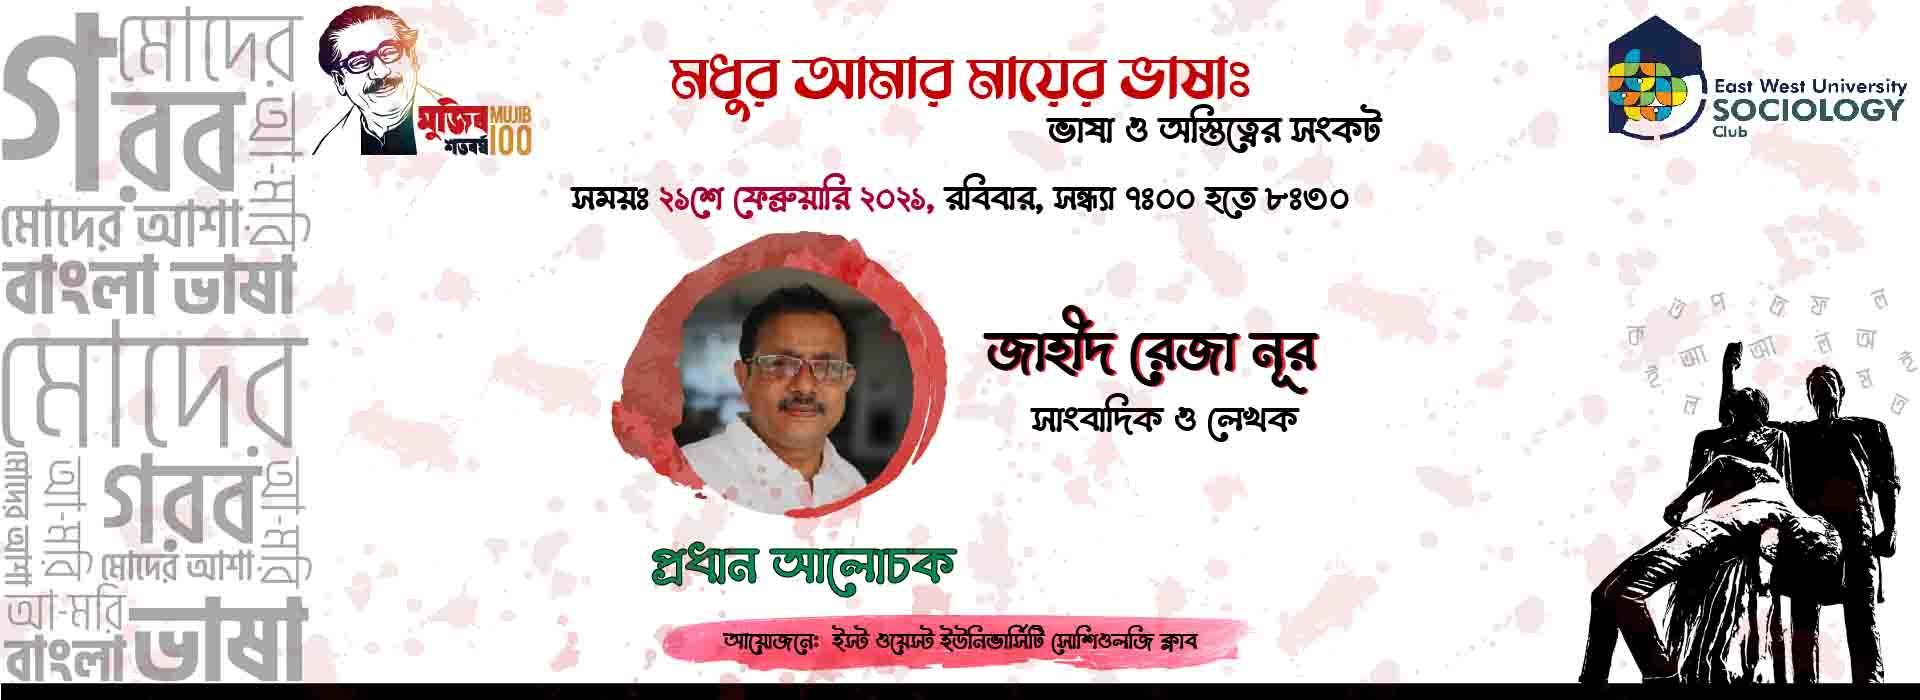 """""""Modhur Amar Mayer Bhasha: Bhasha o Ostitter Shongkot 2021"""" organized by EWU Sociology Club"""